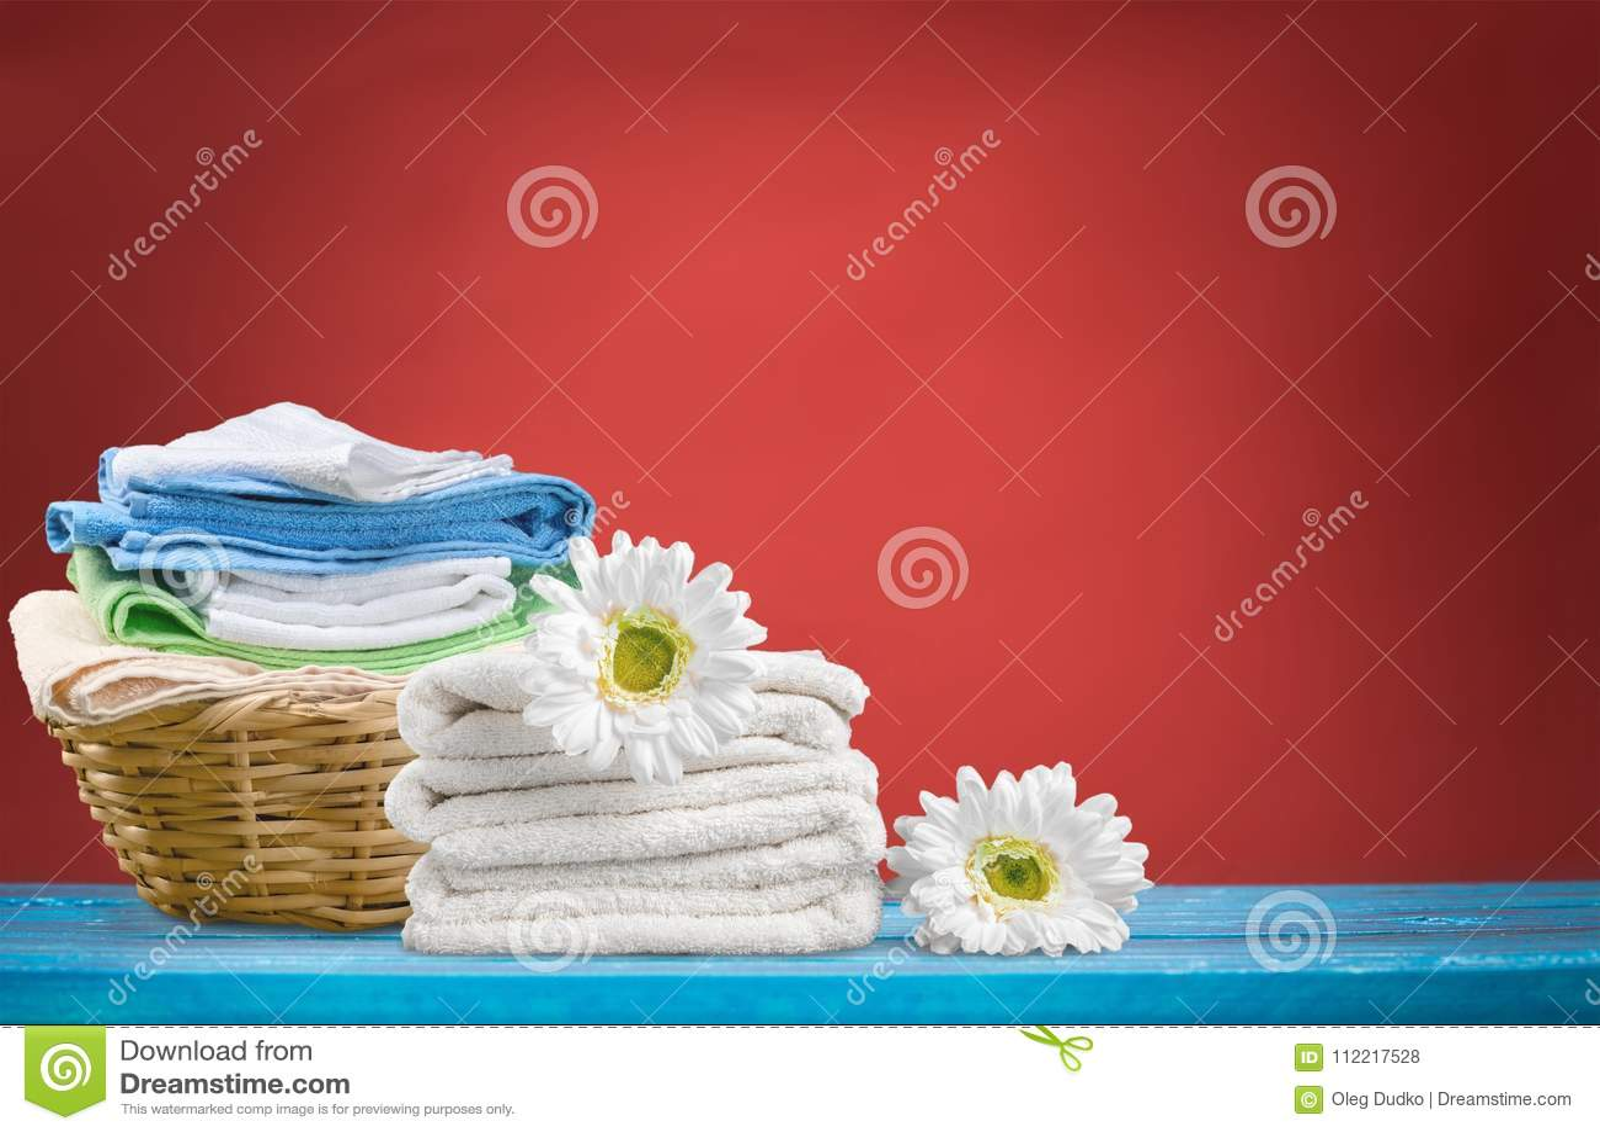 Panier de blanchisserie avec des serviettes